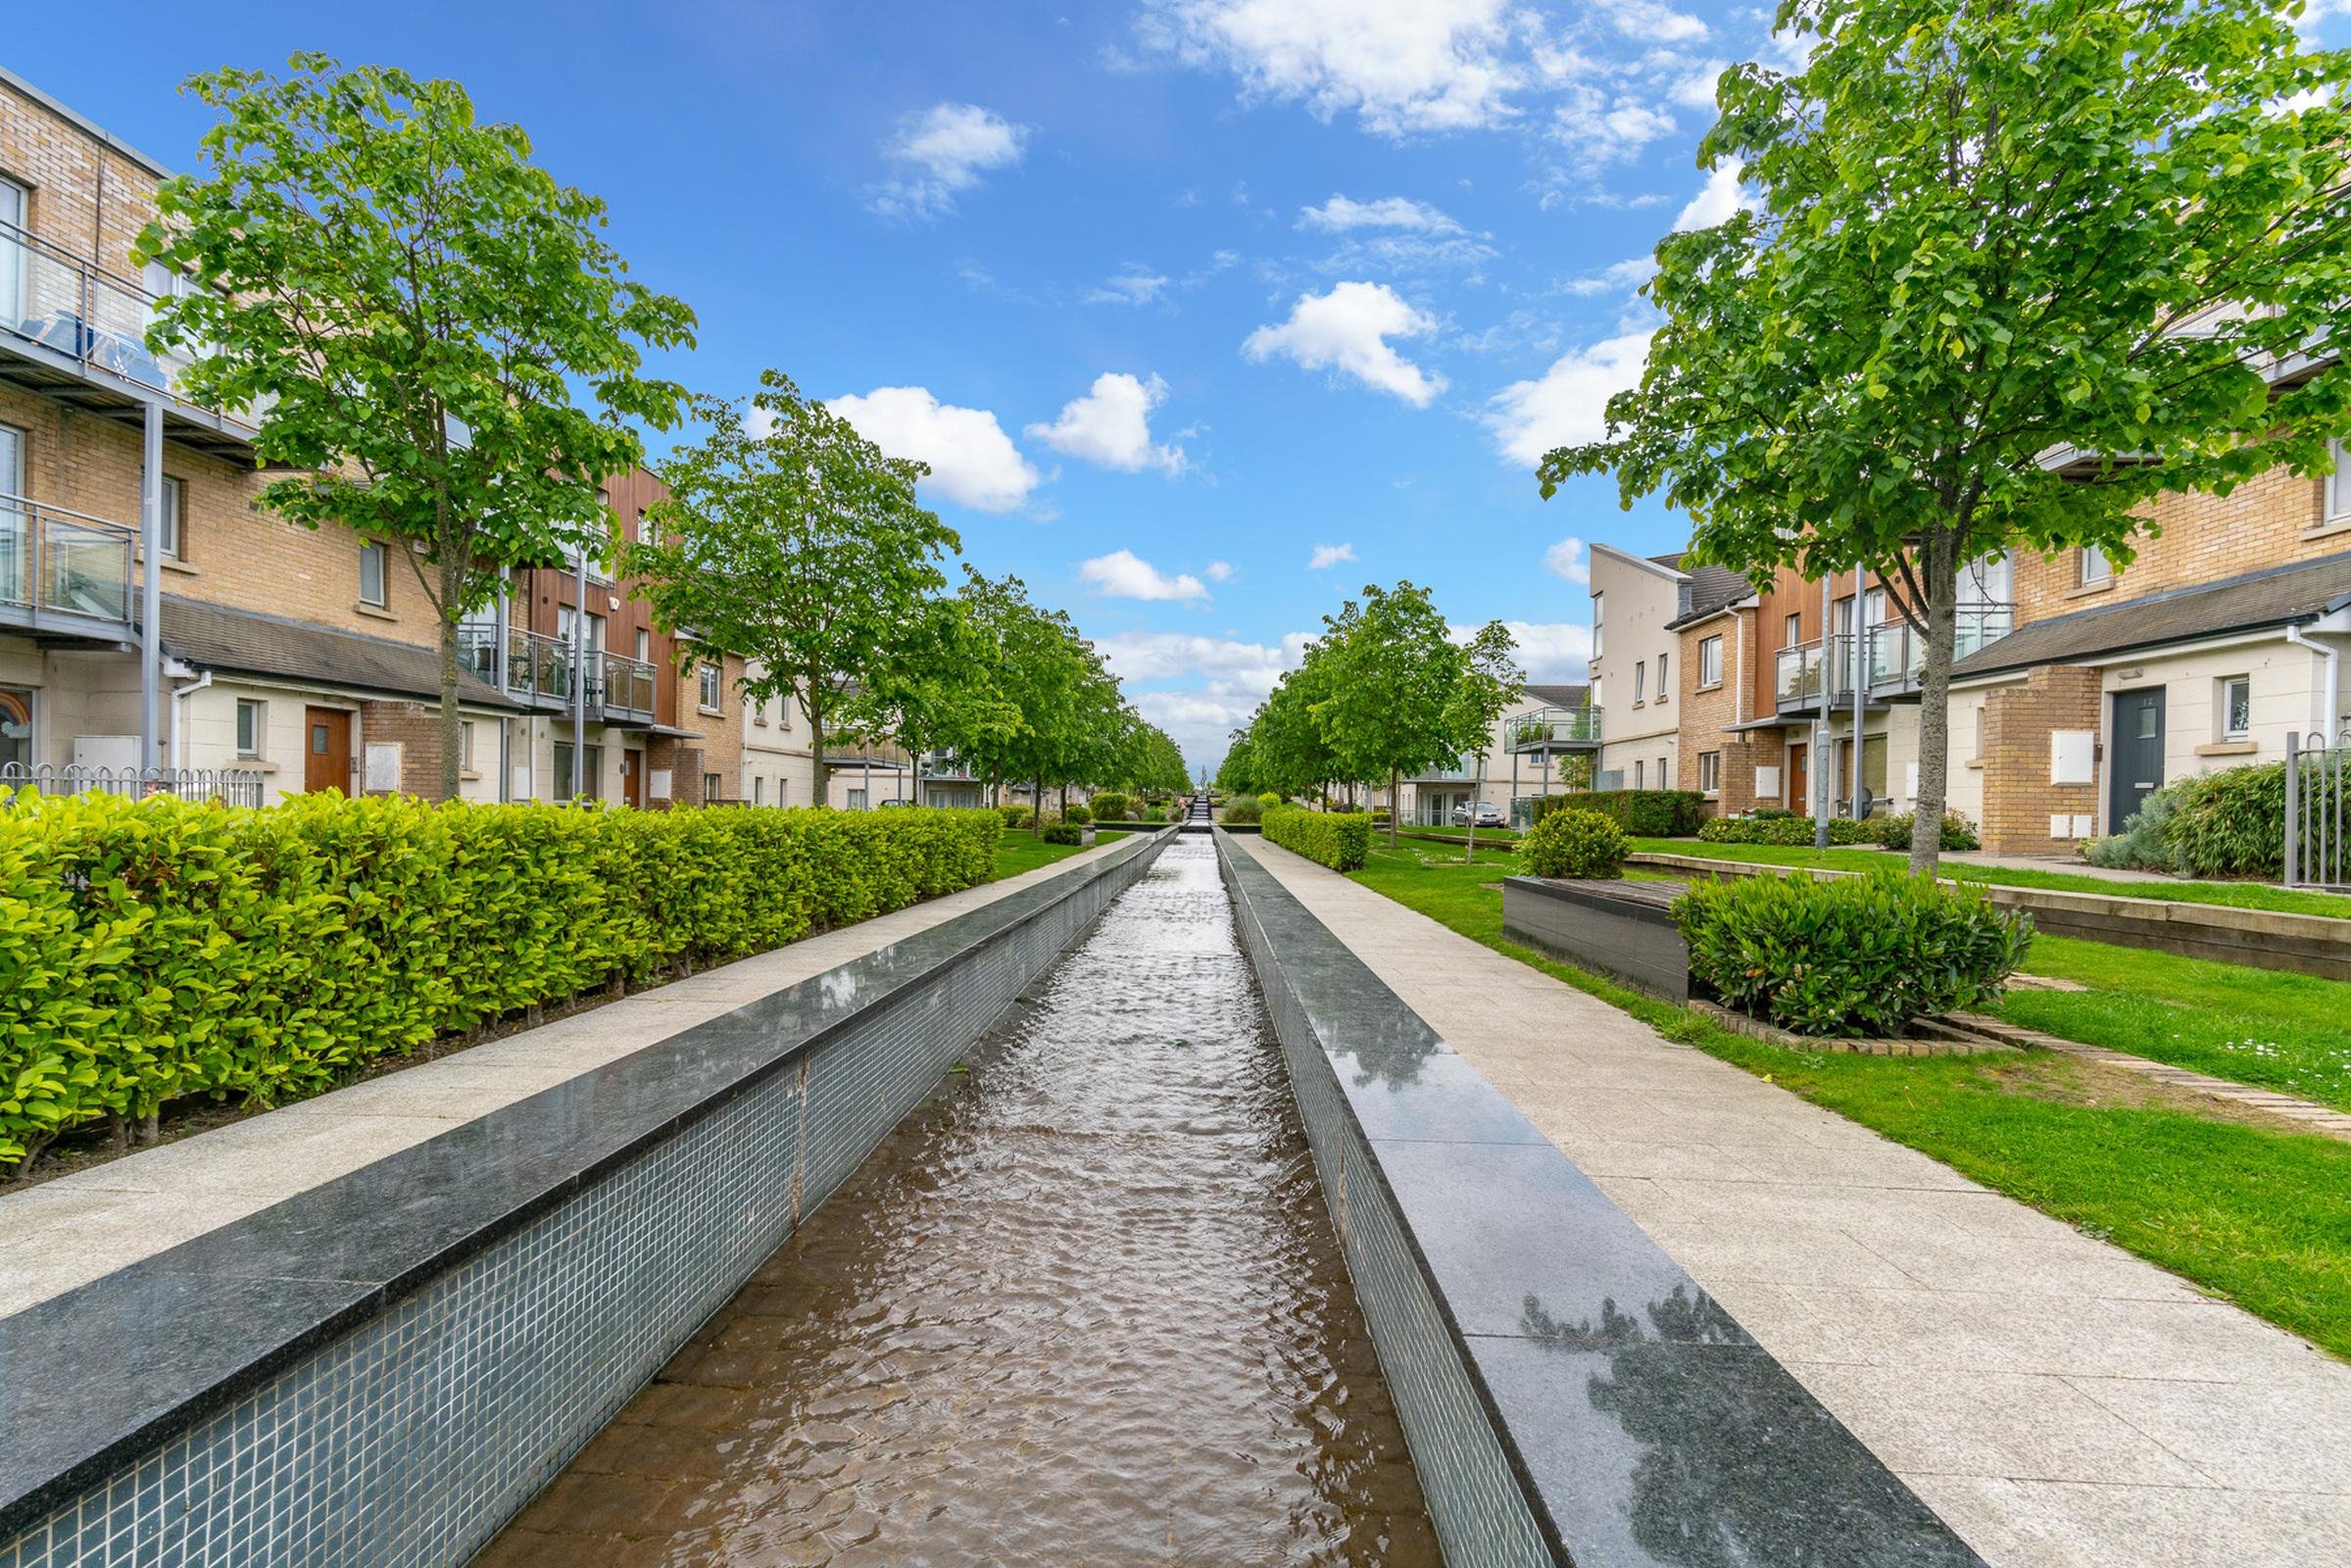 22 Waterside Court, Swords Road, Malahide, Co. Dublin